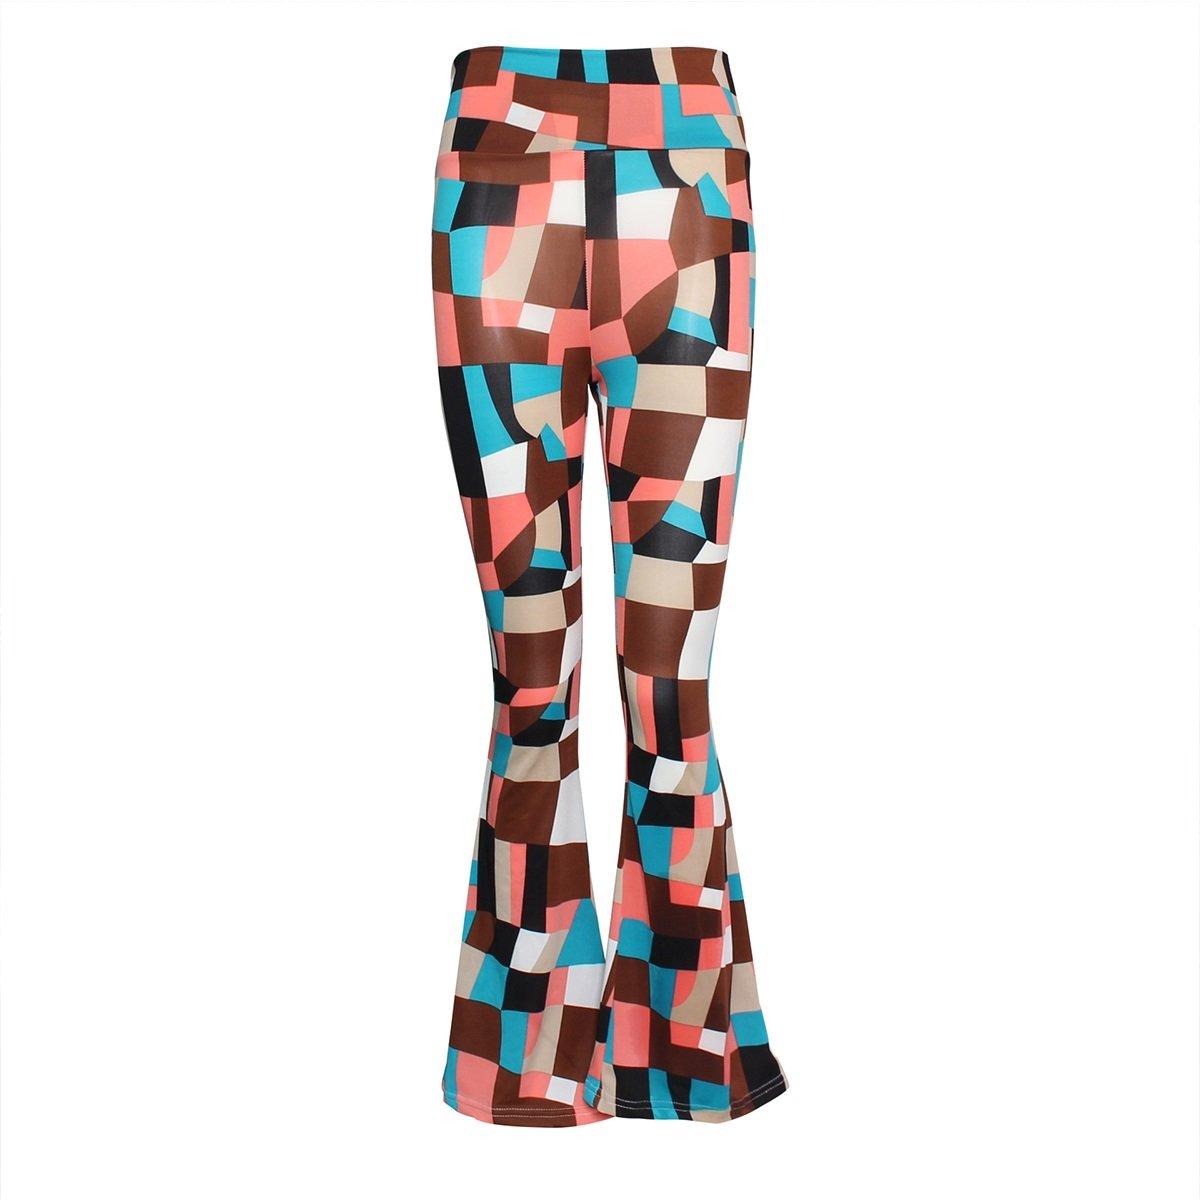 QHDZ Moda Pantalones de cintura alta Flare Pant Pantalones de mujer ancha Floral Palazzo Bell Bottom: Amazon.es: Ropa y accesorios